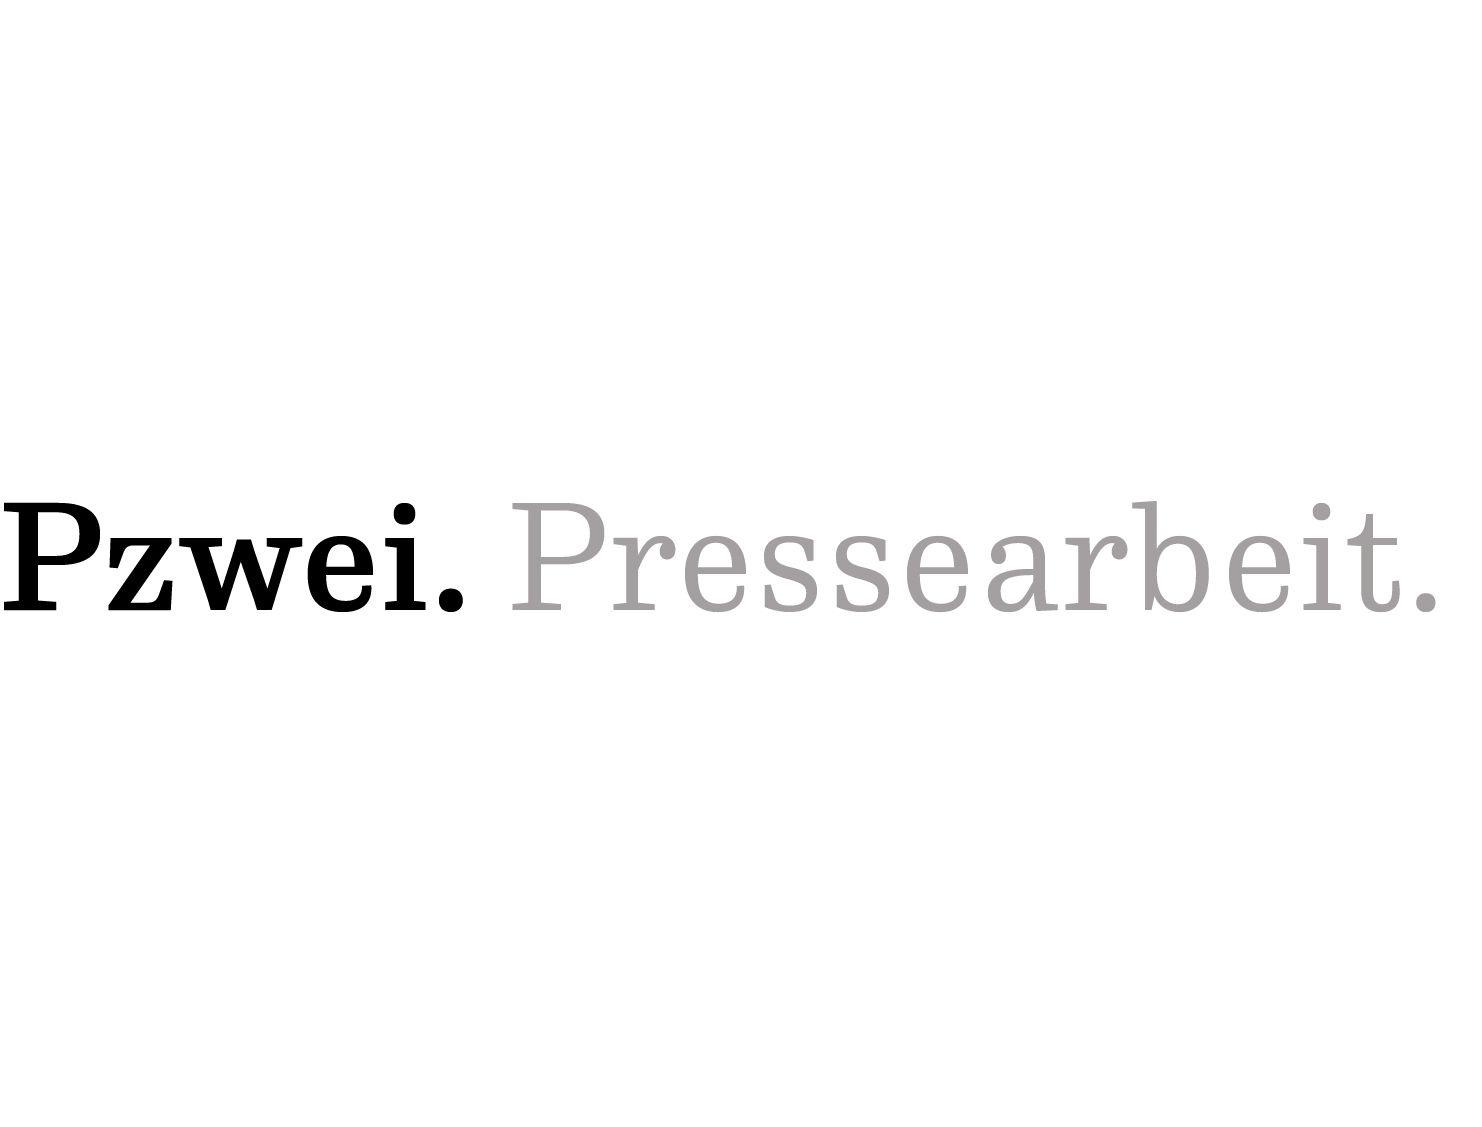 Logo Pzwei. Pressearbeit.